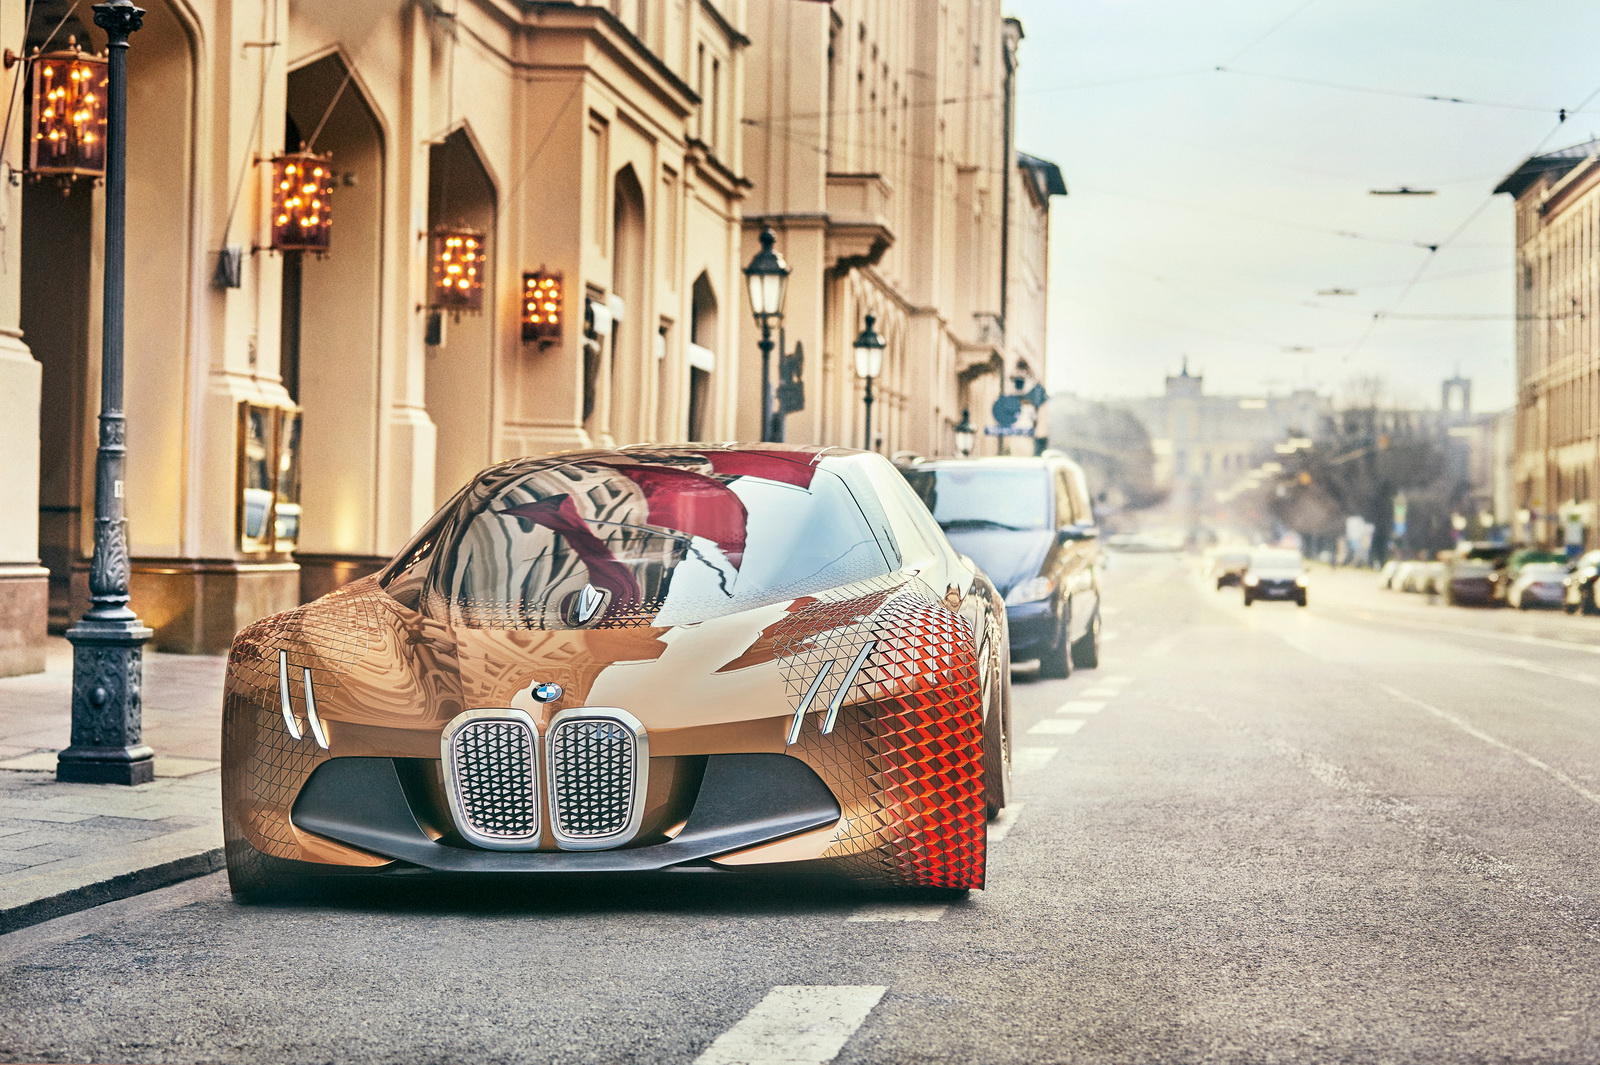 БМВ выпустит конкурента Tesla через 3 года